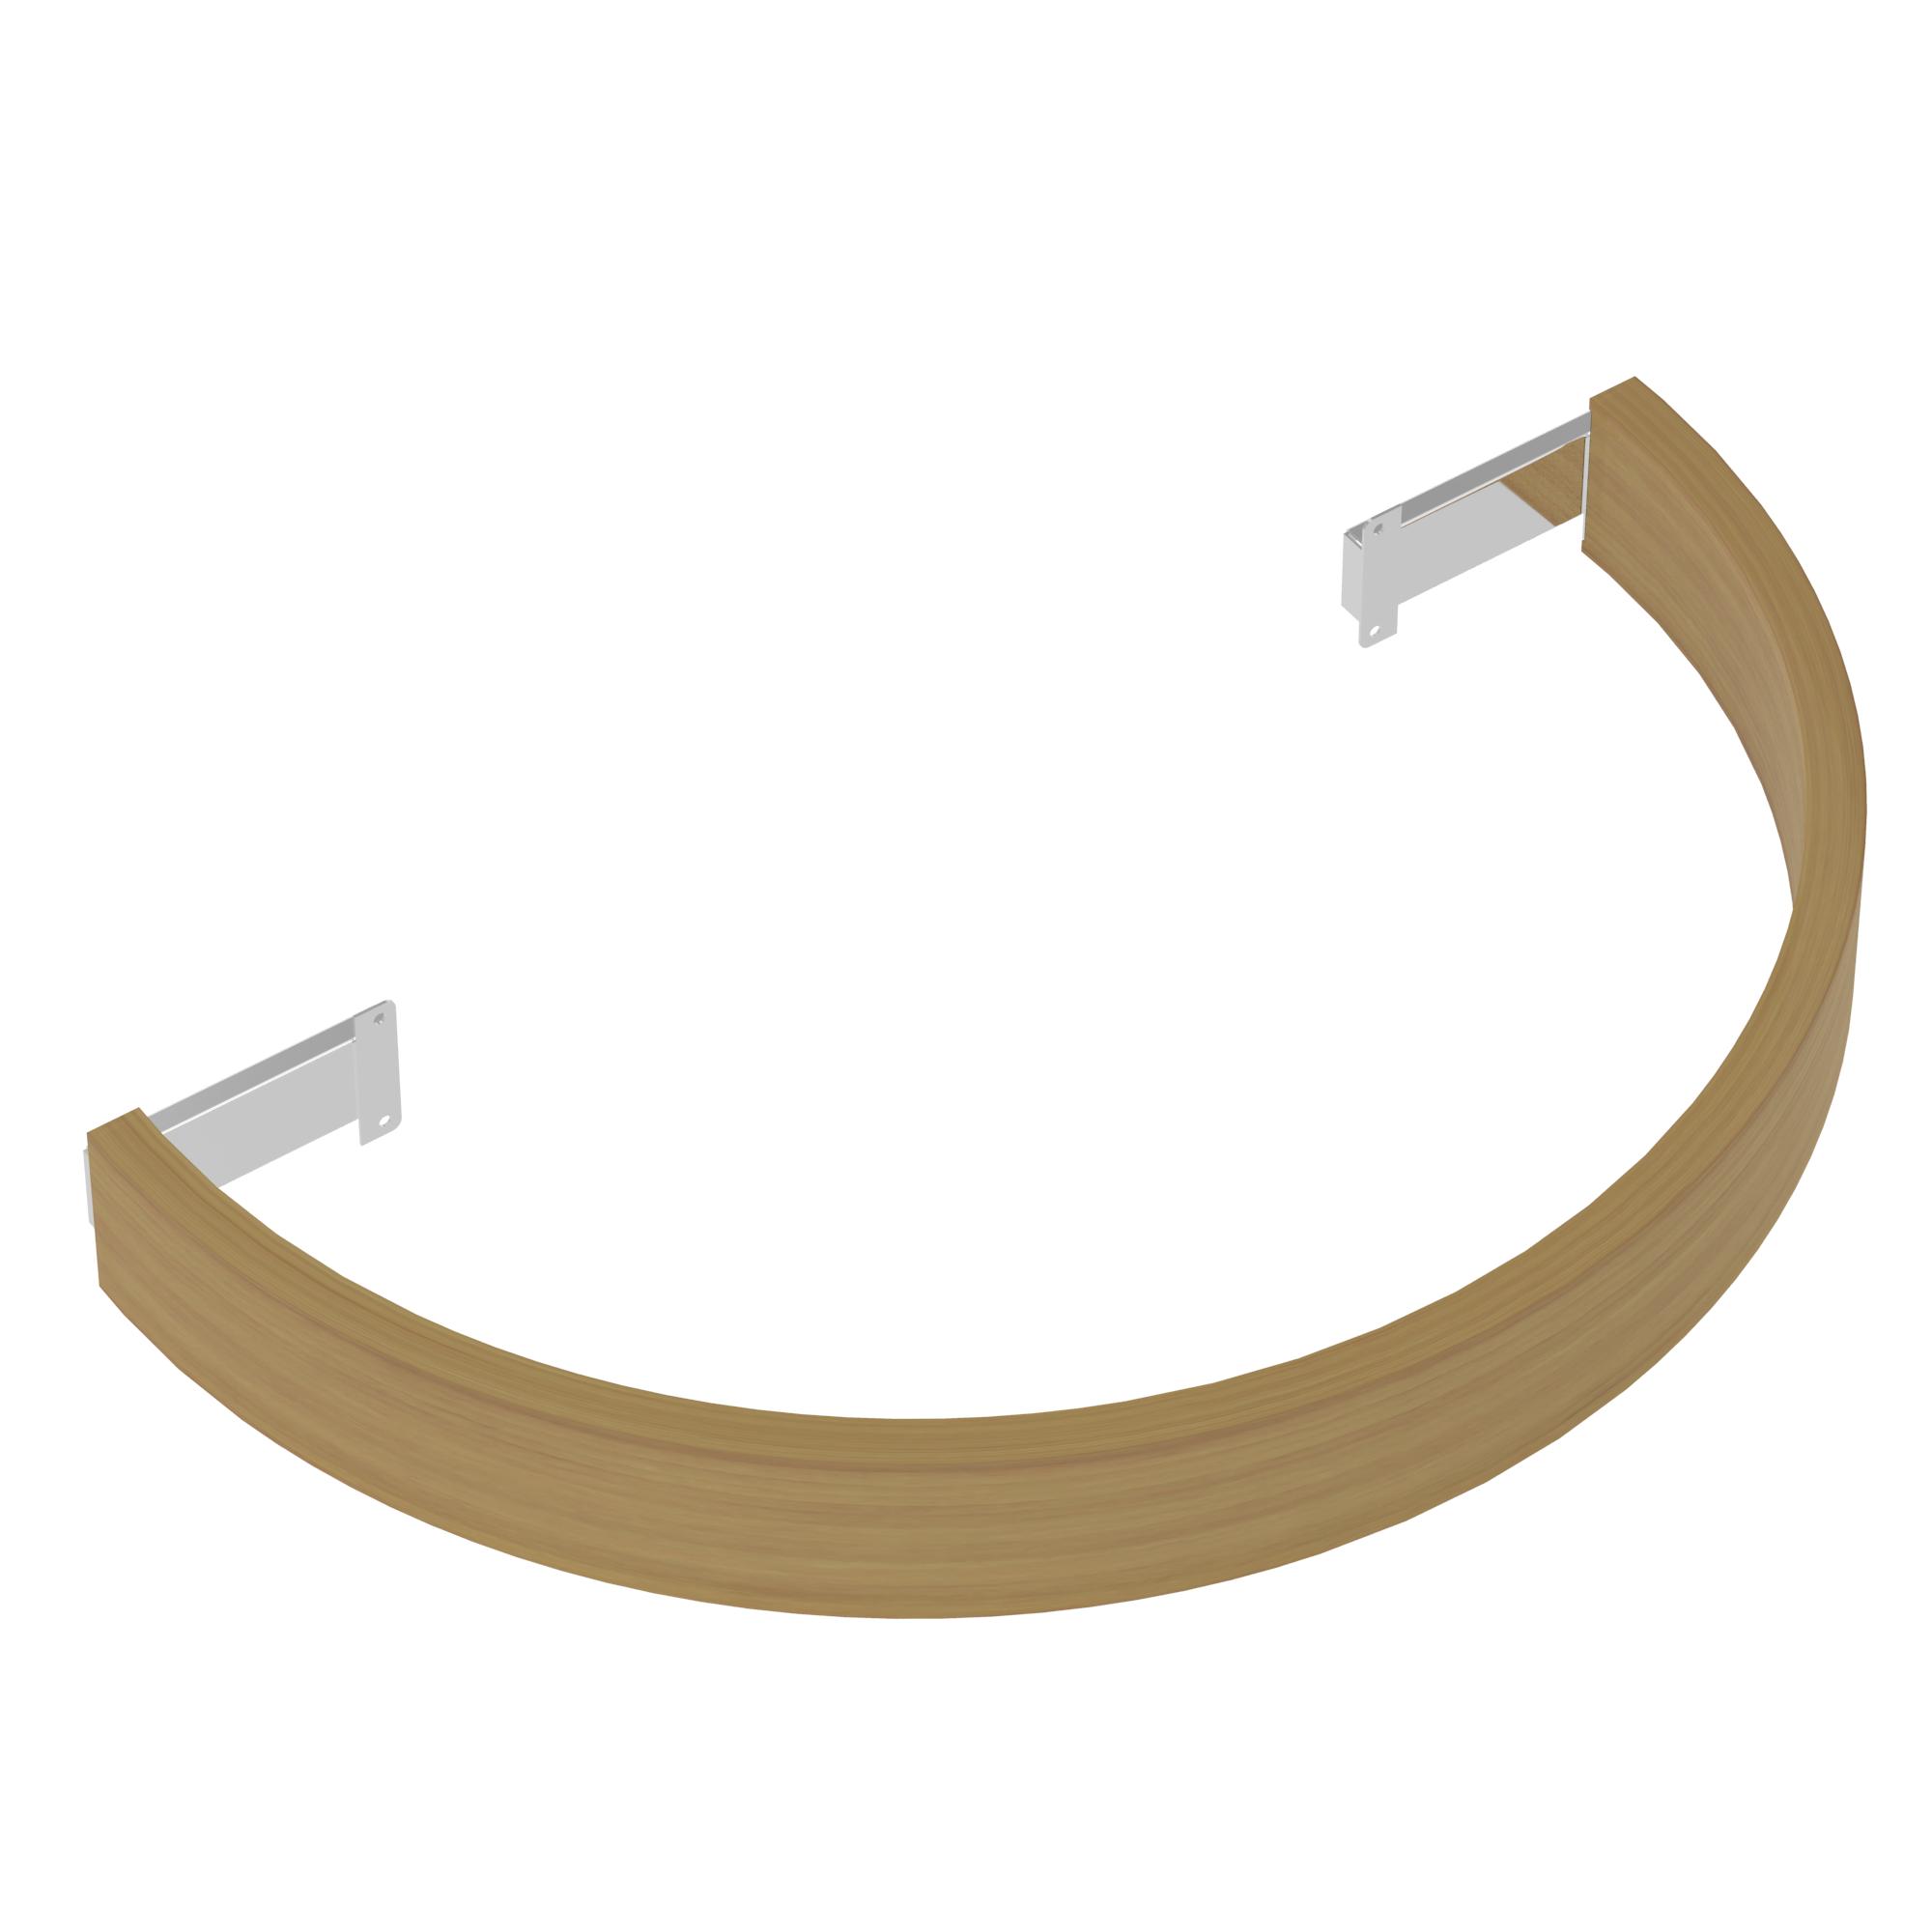 Ограждения и коврики: Деревянное ограждение SAWO TH-GUARD-W6-WL-D для печи TOWER TH6 (кедр)